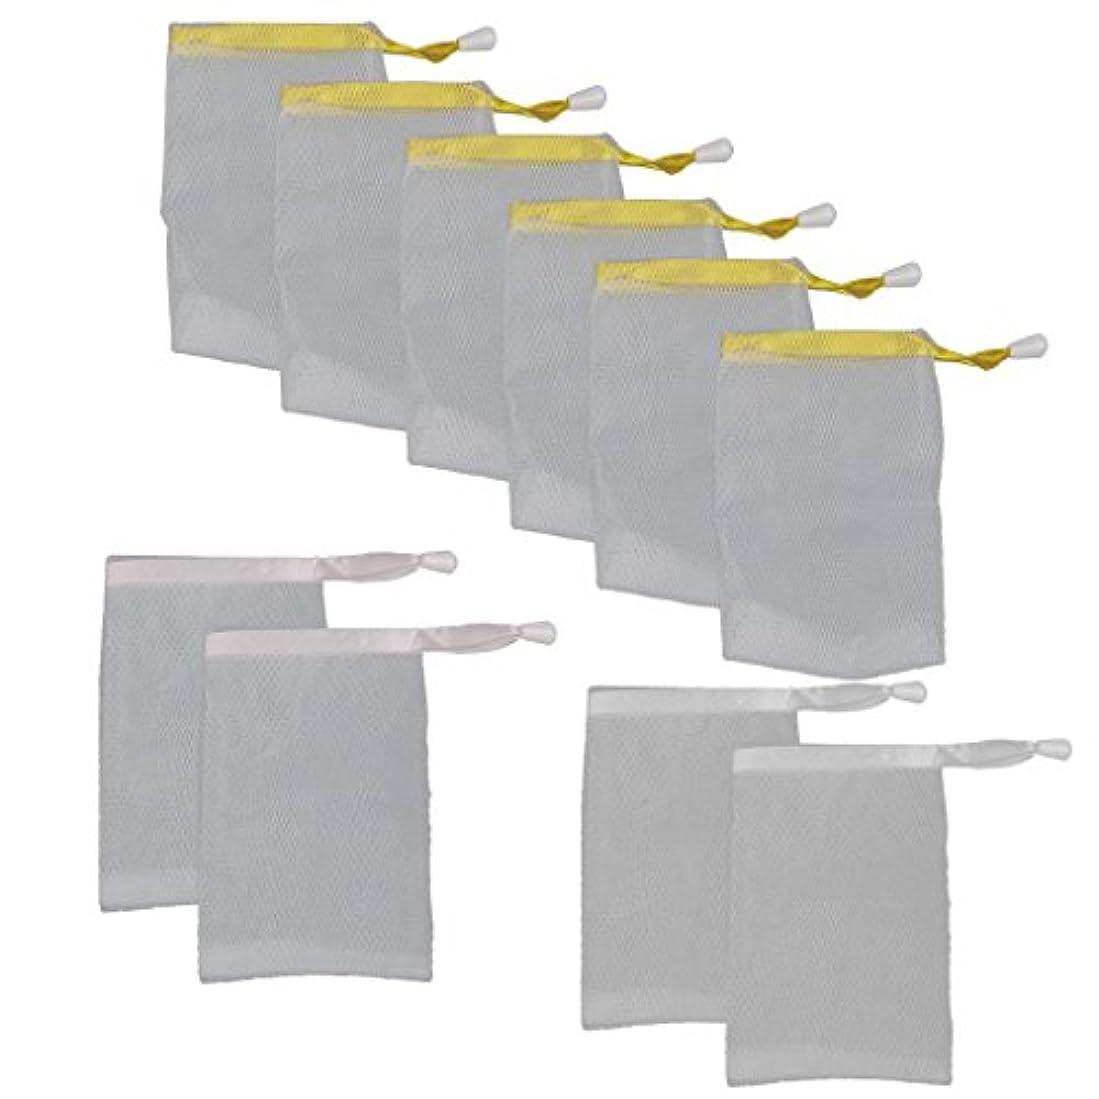 スカープ一般マント非ブランド品 メッシュ製 泡立て ホイップ 石鹸 ポーチ ネット ホルダー 巾着バッグ 10個